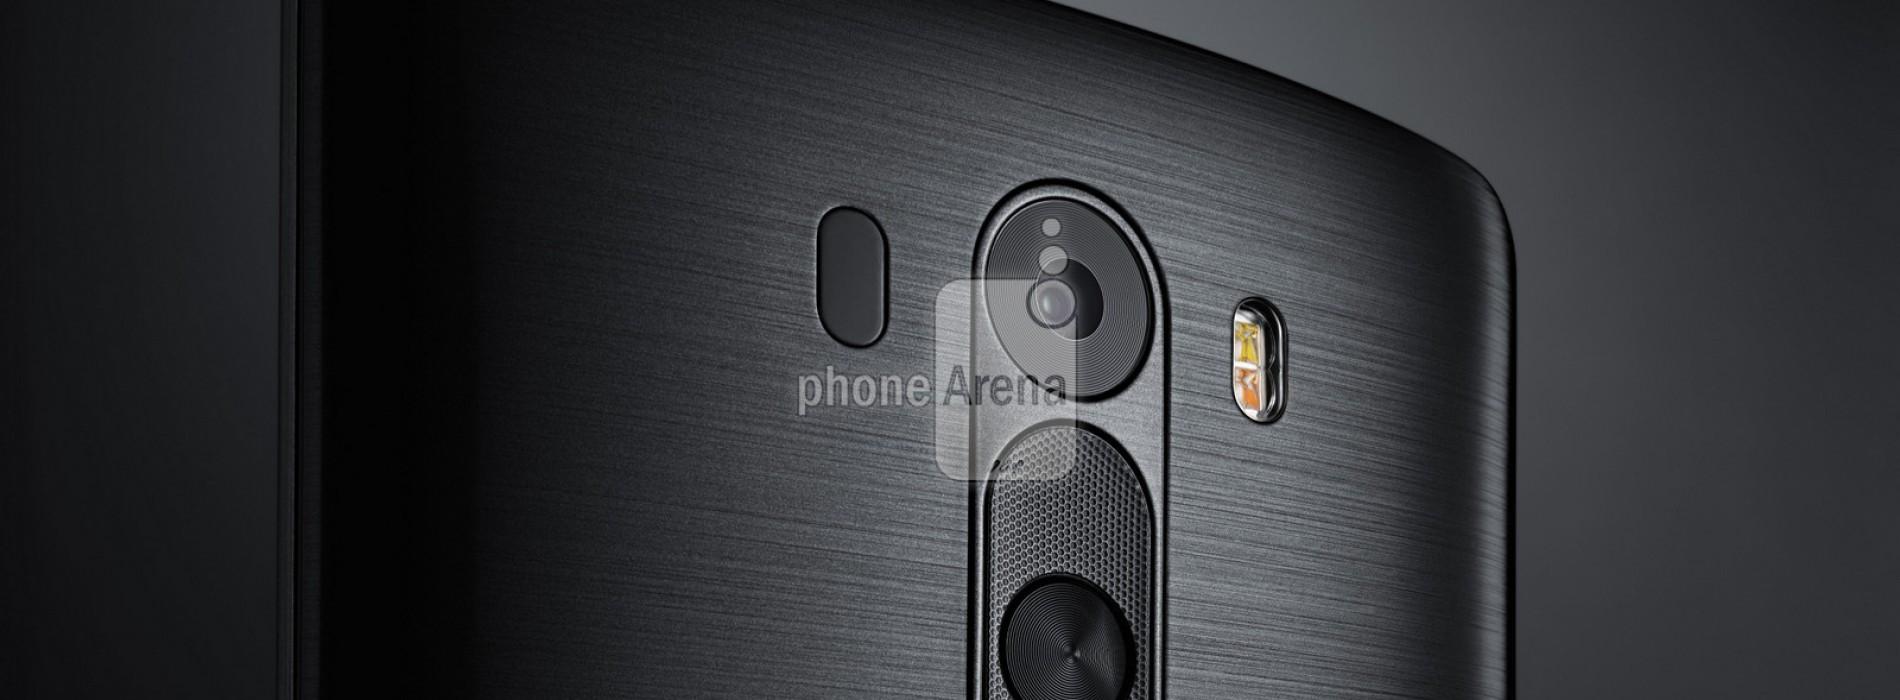 LG G3 renders leaked ahead of formal debut